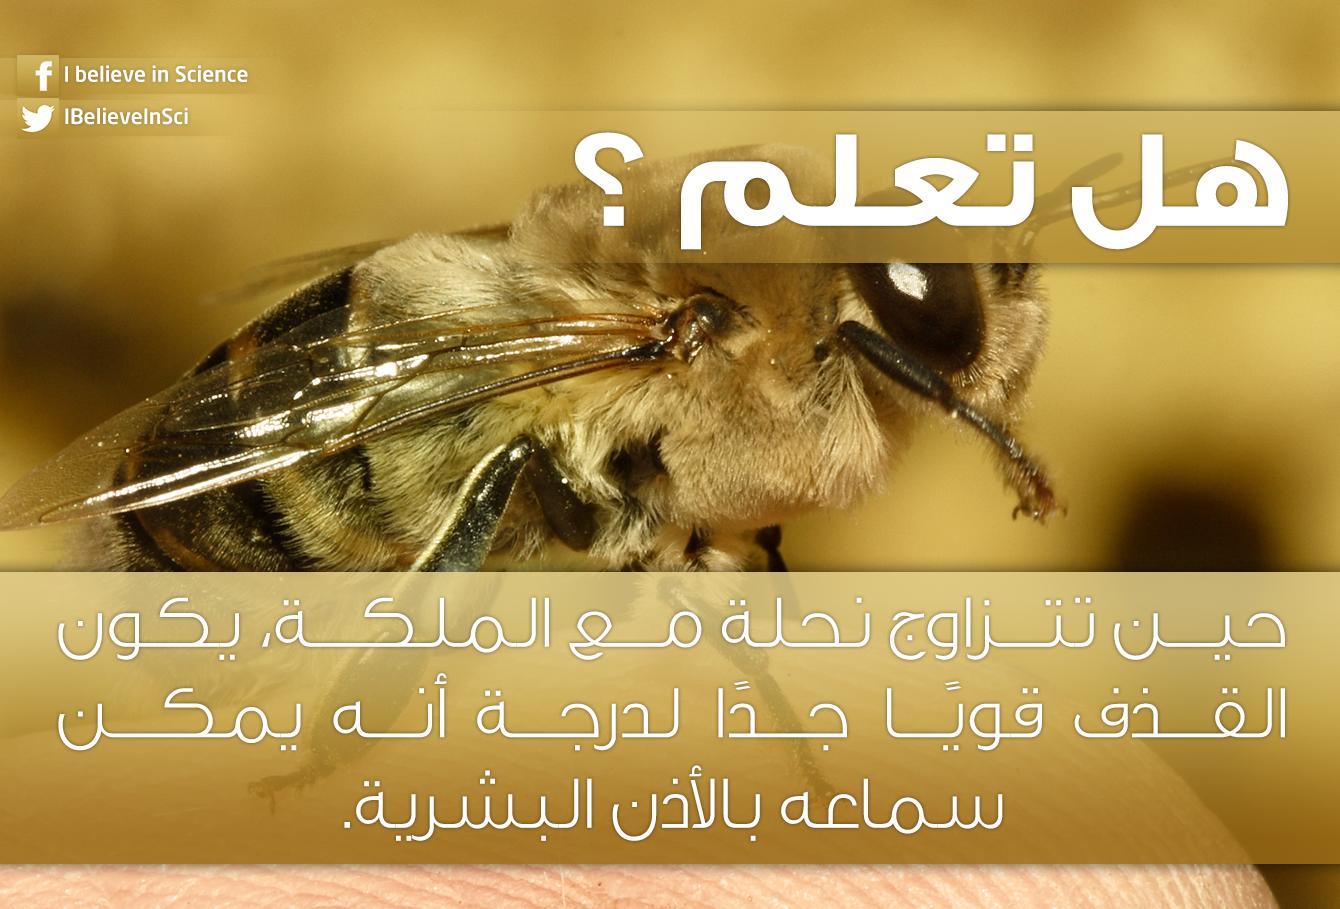 هل تعلم حين تتزاوج نحلة مع الملكة يكون القذف قوي ا جد ا لدرجة أنه يمكن سماعه بالأذن البشرية Science Facts New Words Science